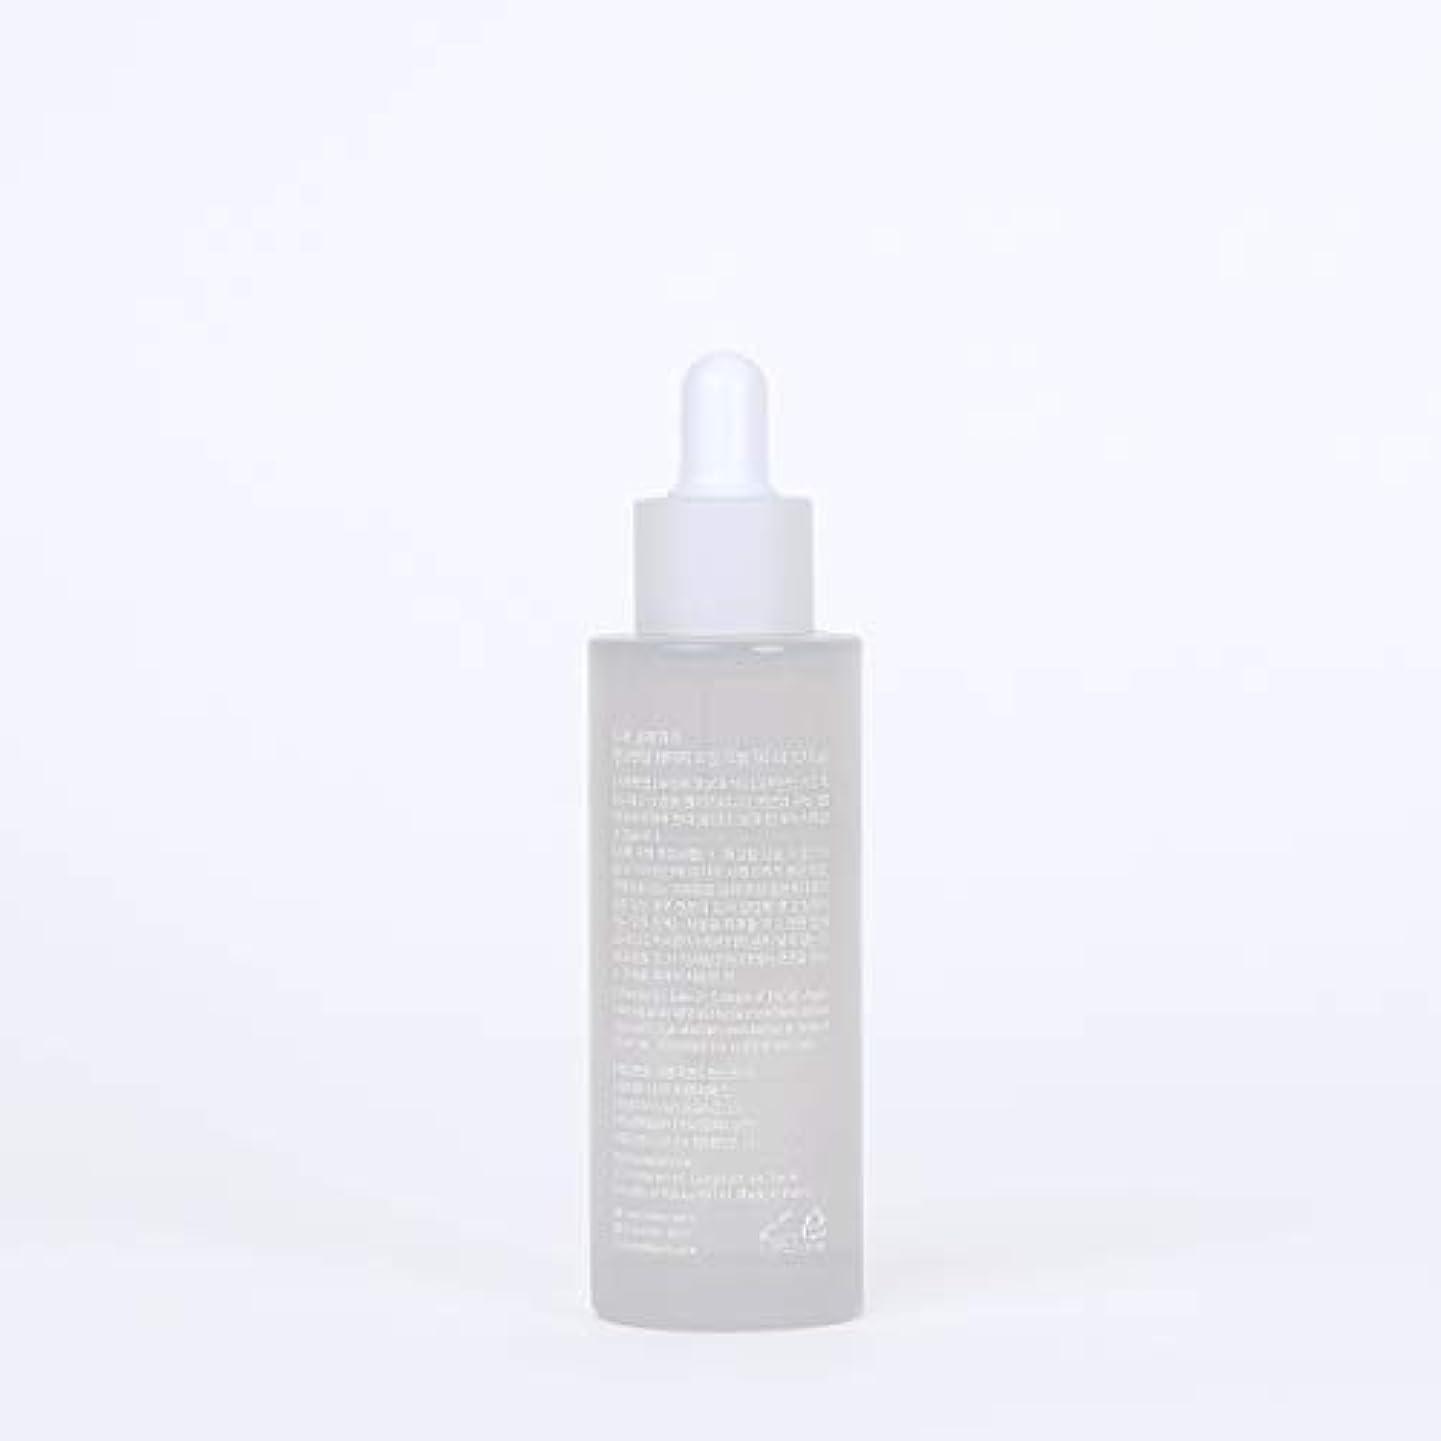 洗練れる警告する【クレアス(Klairs)】ファンダメンタルウォーターリーオイルドロップ, Fundamental Watery Oil Drop, 50ml, [並行輸入品]